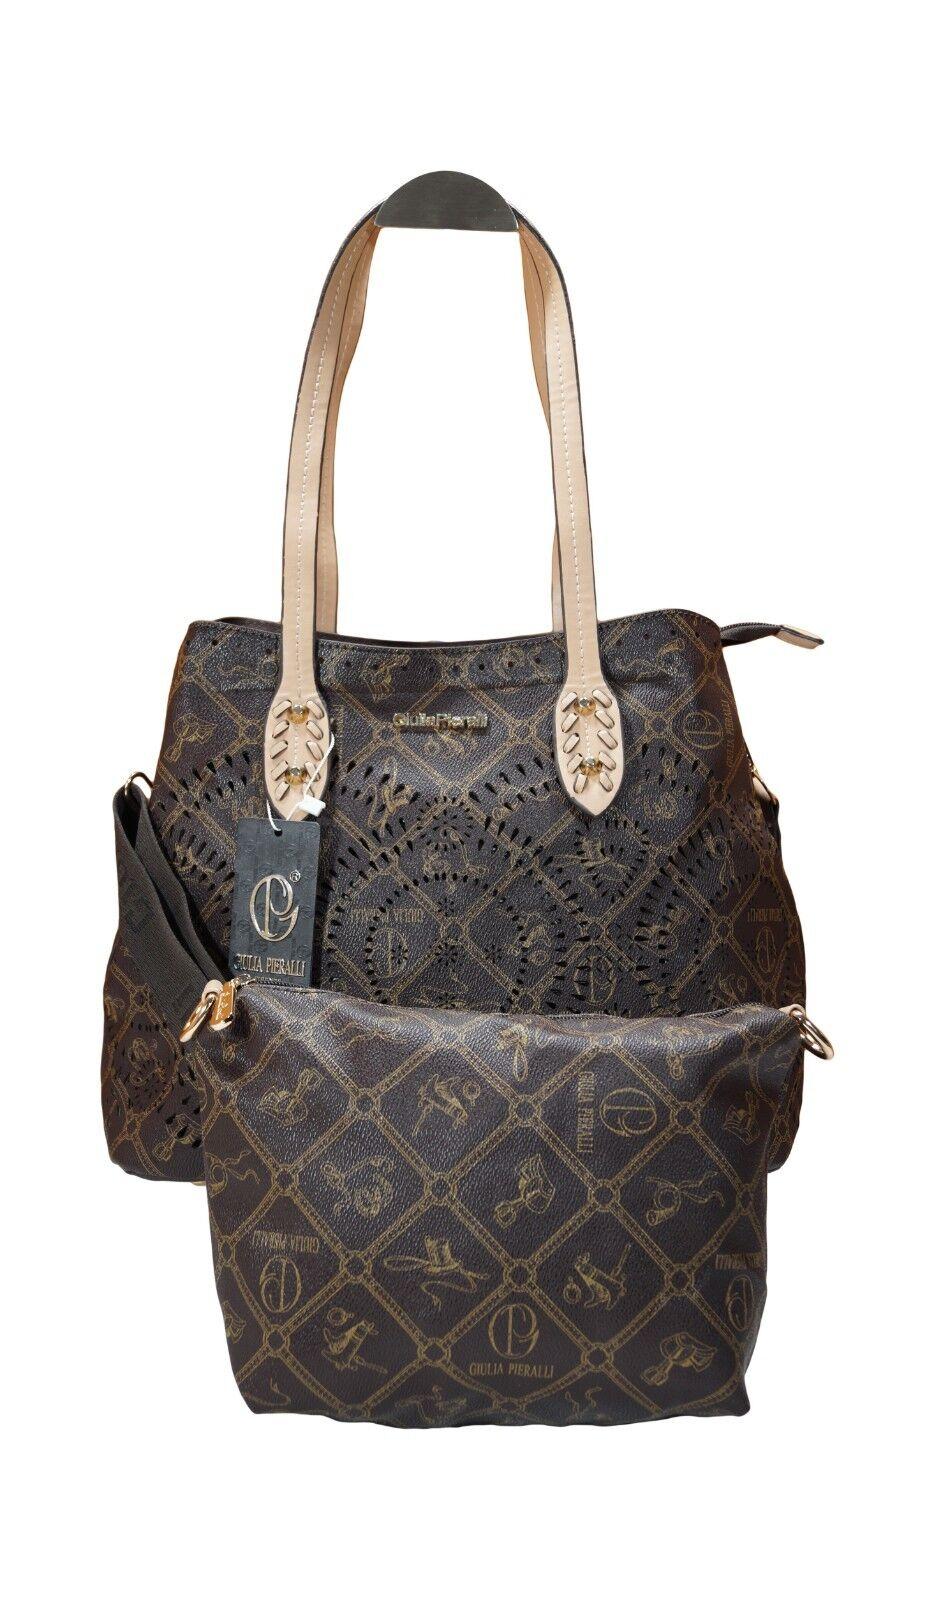 Damen Taschen Frauen 2er Set Giulia Pieralli Handtasche Messenger Messenger Messenger Bag Braun    Exquisite (mittlere) Verarbeitung    Günstig    Sehr gute Farbe  99dc00